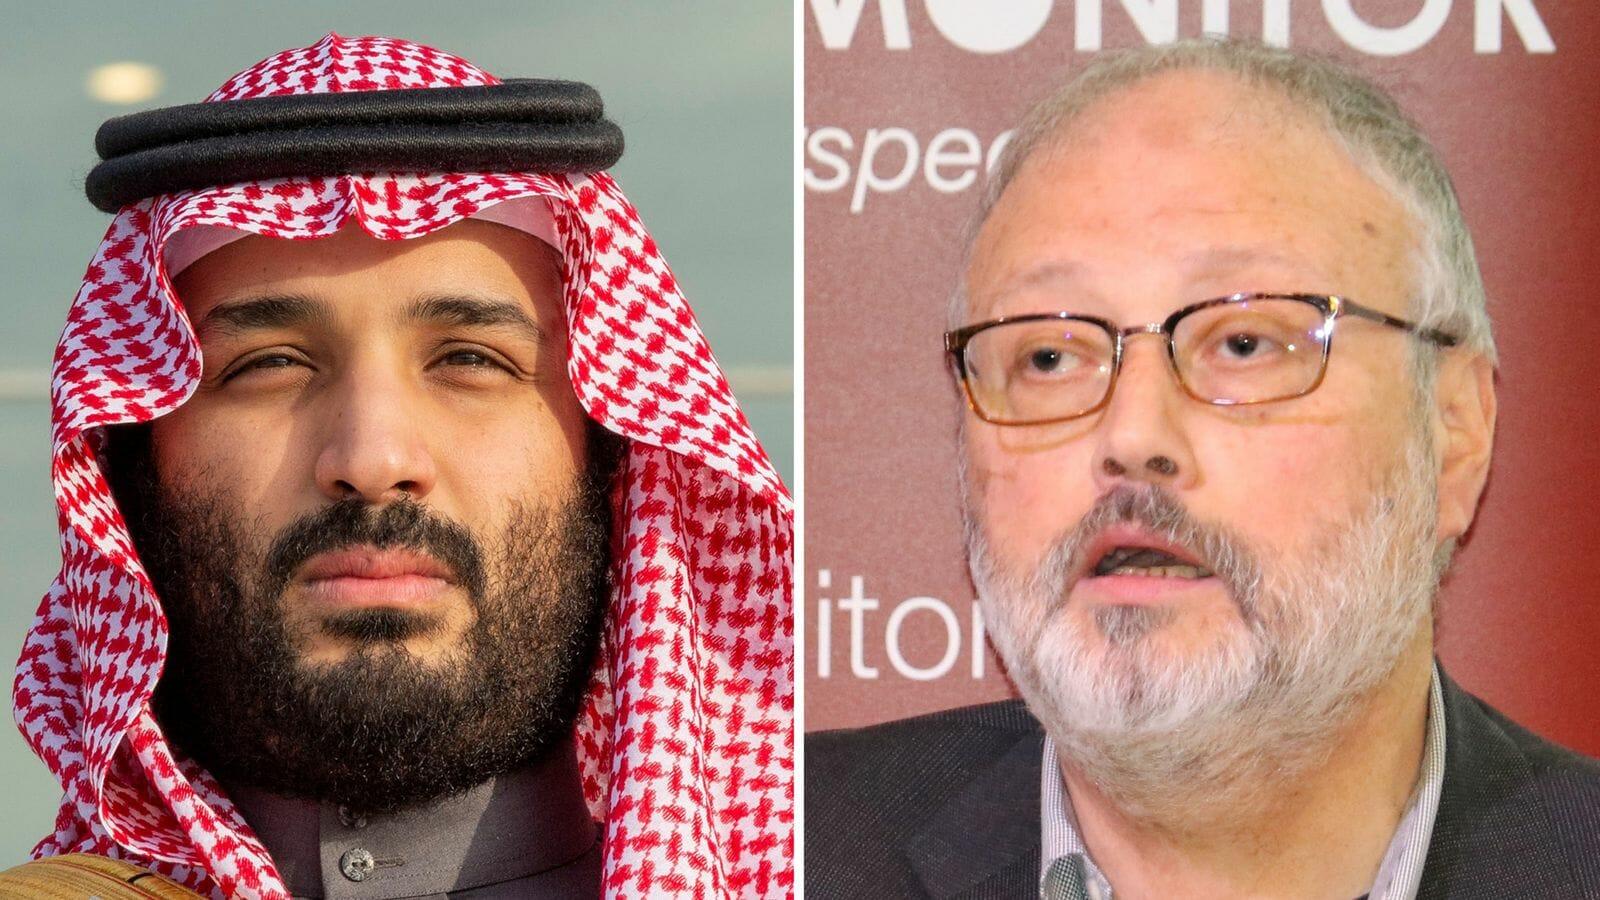 بسبب قتل خاشقجي .. الكونغرس الأمريكي يتحرك لمعاقبة السعودية بعد اتهام محمد بن سلمان بالجريمة